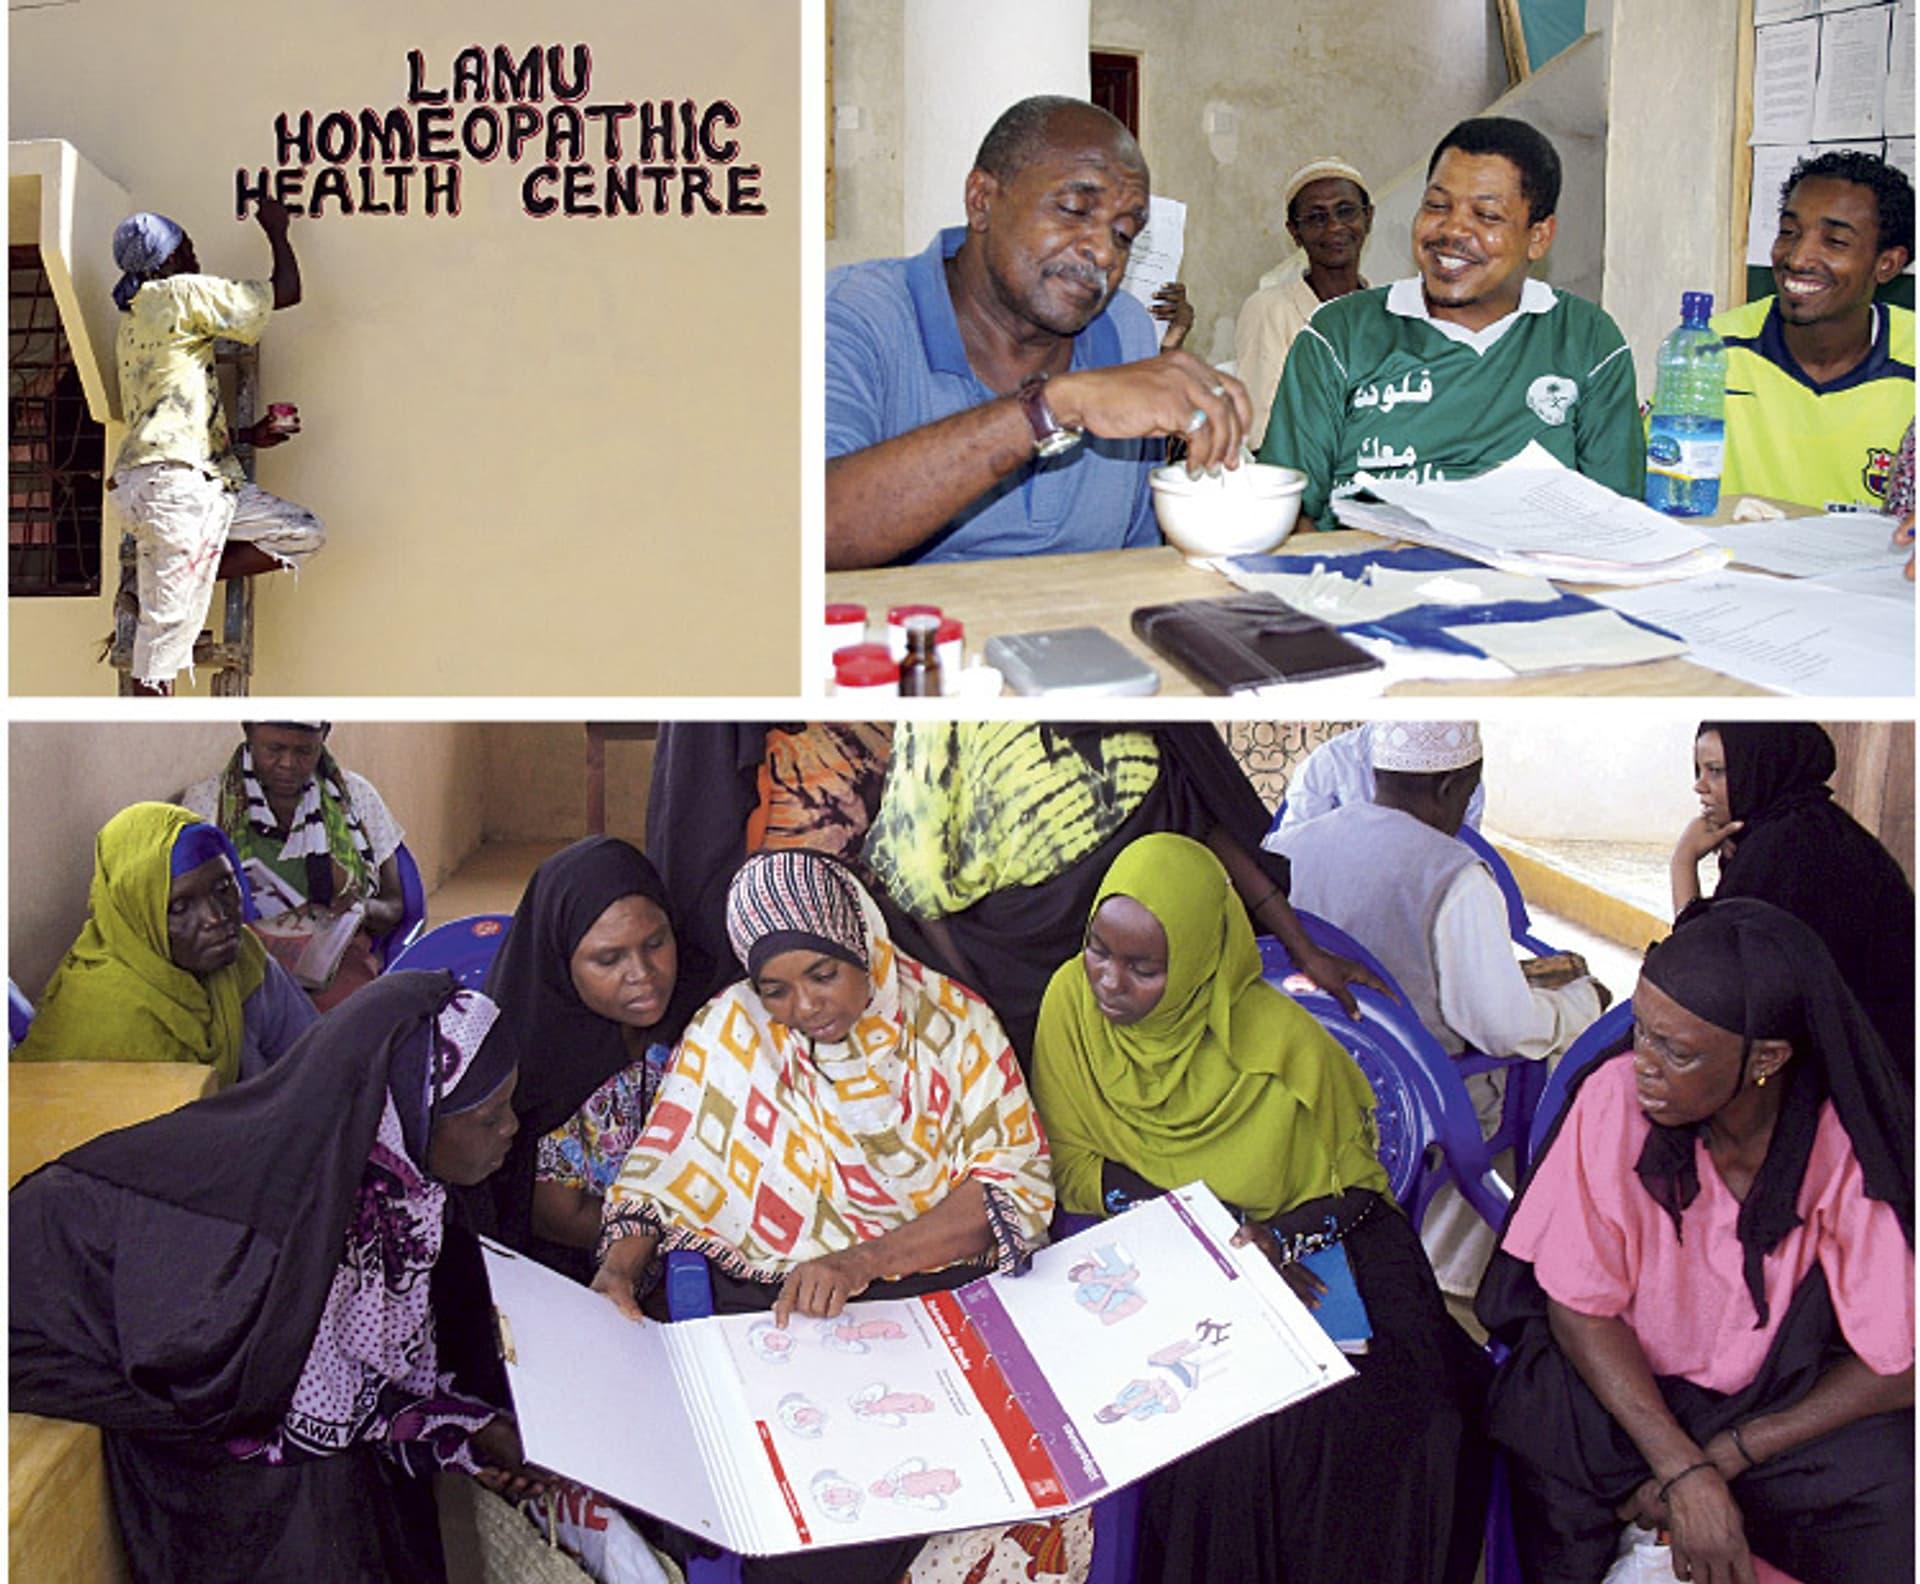 Homöopathie für Flüchtlinge (Fotos: Homöopathen ohne Grenzen)